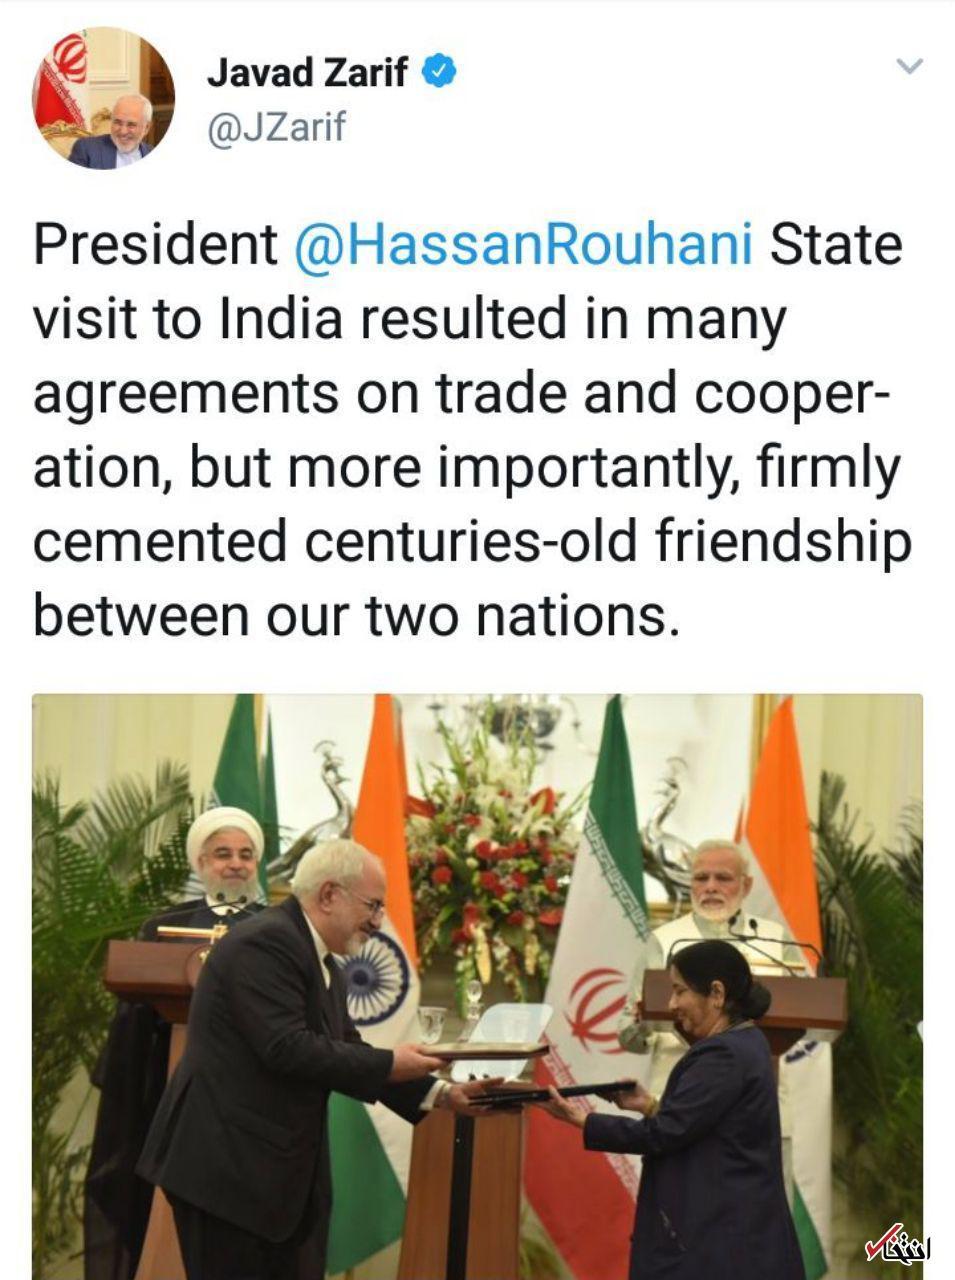 توئیت ظریف: دستاورد مهم سفر روحانی به هند تحکیم قرن ها دوستی بود